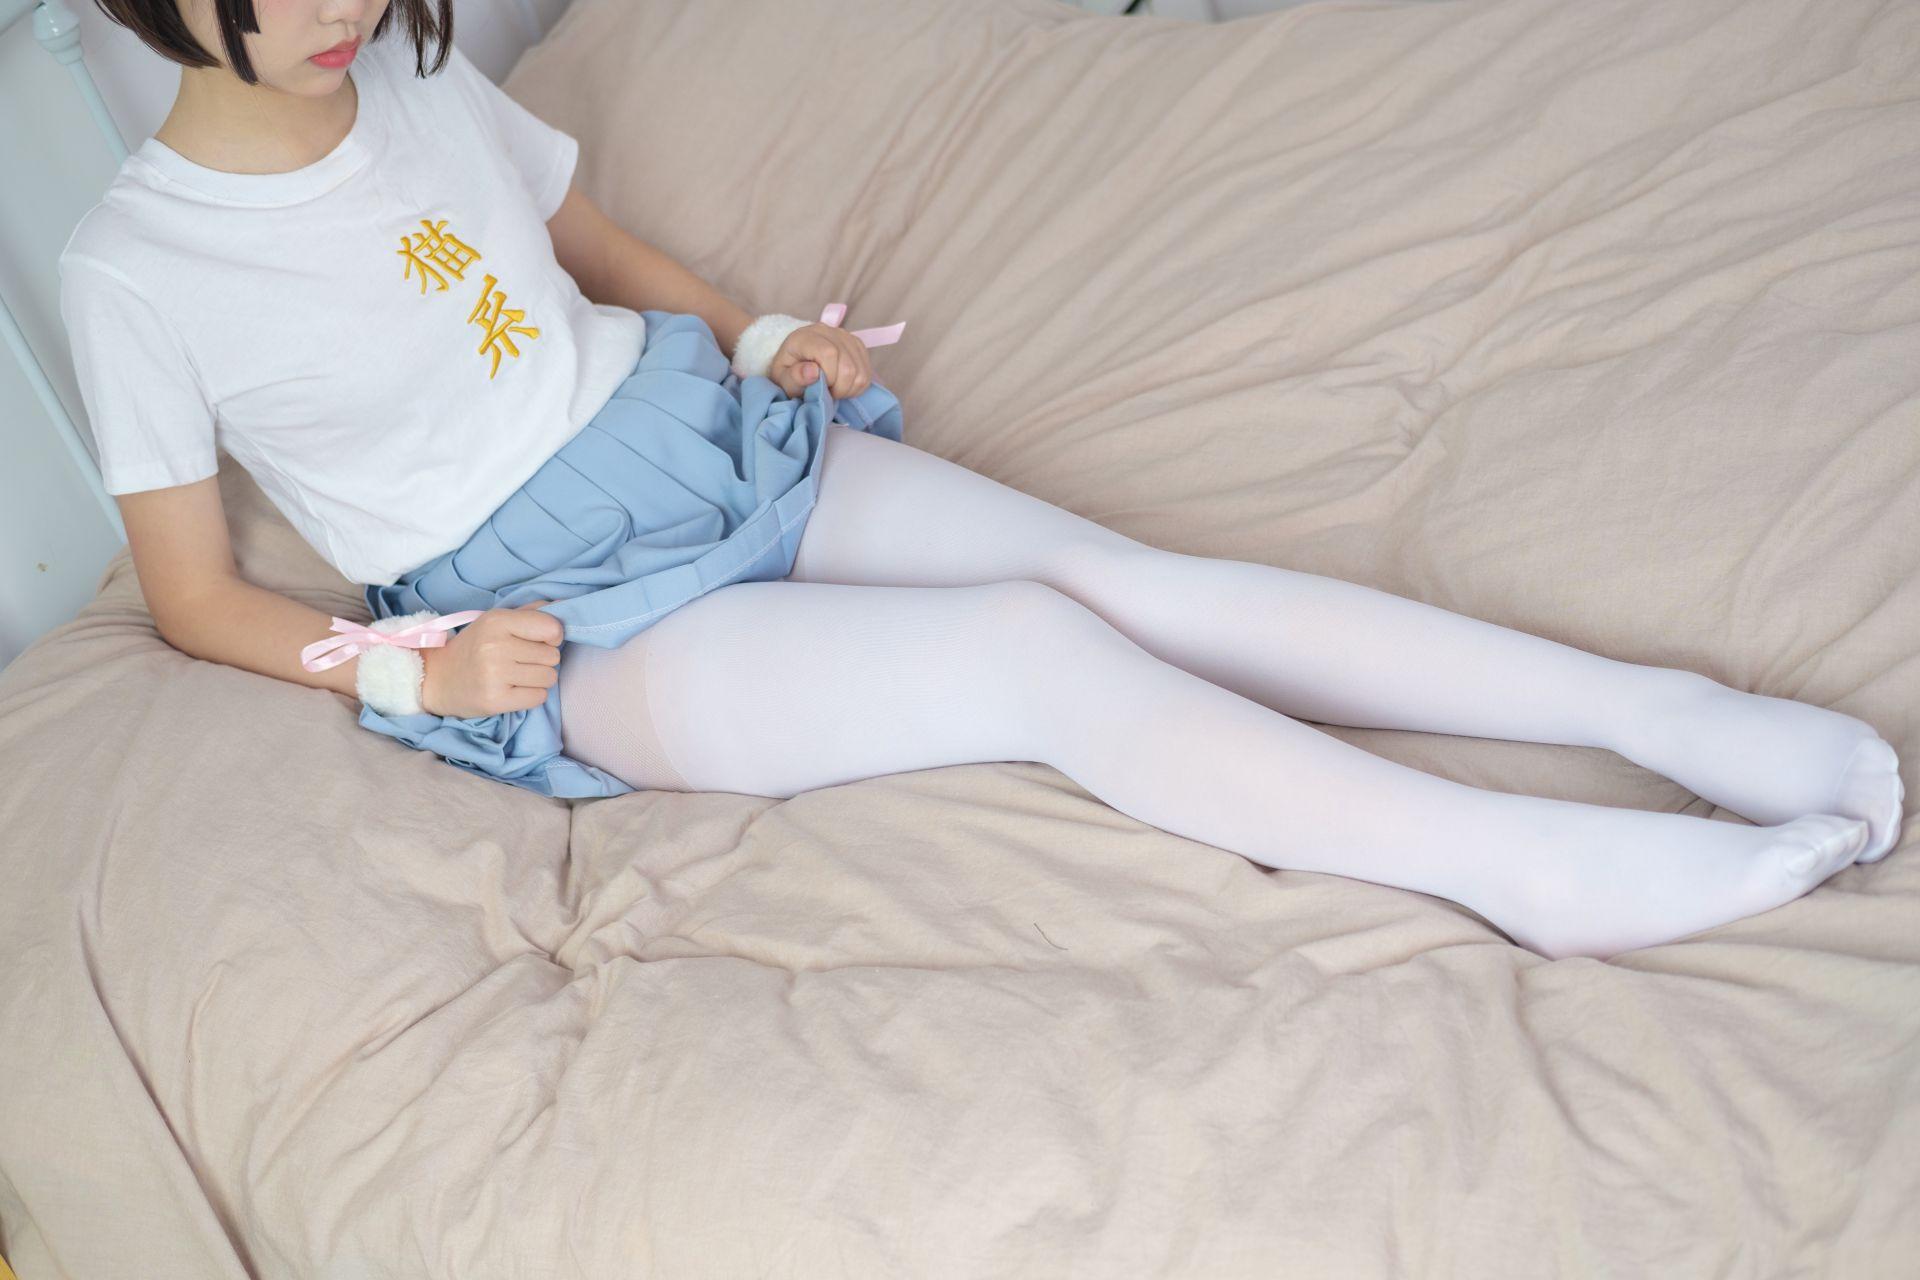 【森萝财团】森萝财团写真 – X-031 可爱猫系萝莉露脸 [89P-1V-2.21GB] X系列 第2张